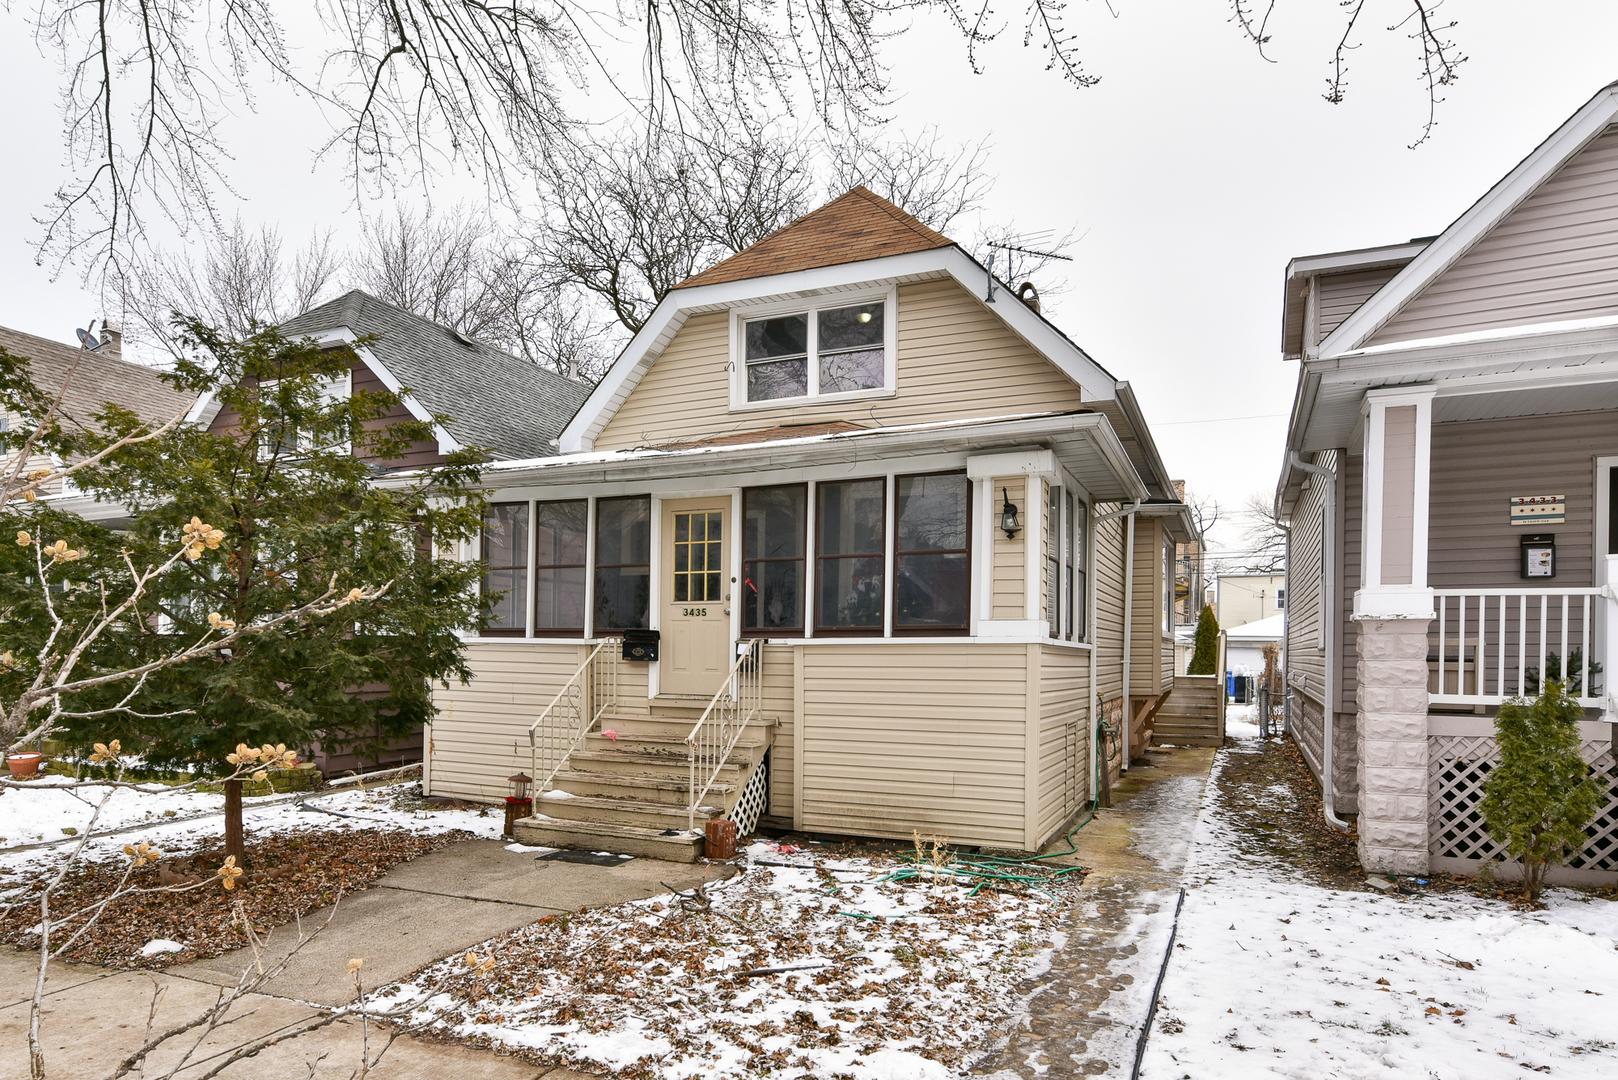 3435 N Tripp Avenue, Chicago IL 60641